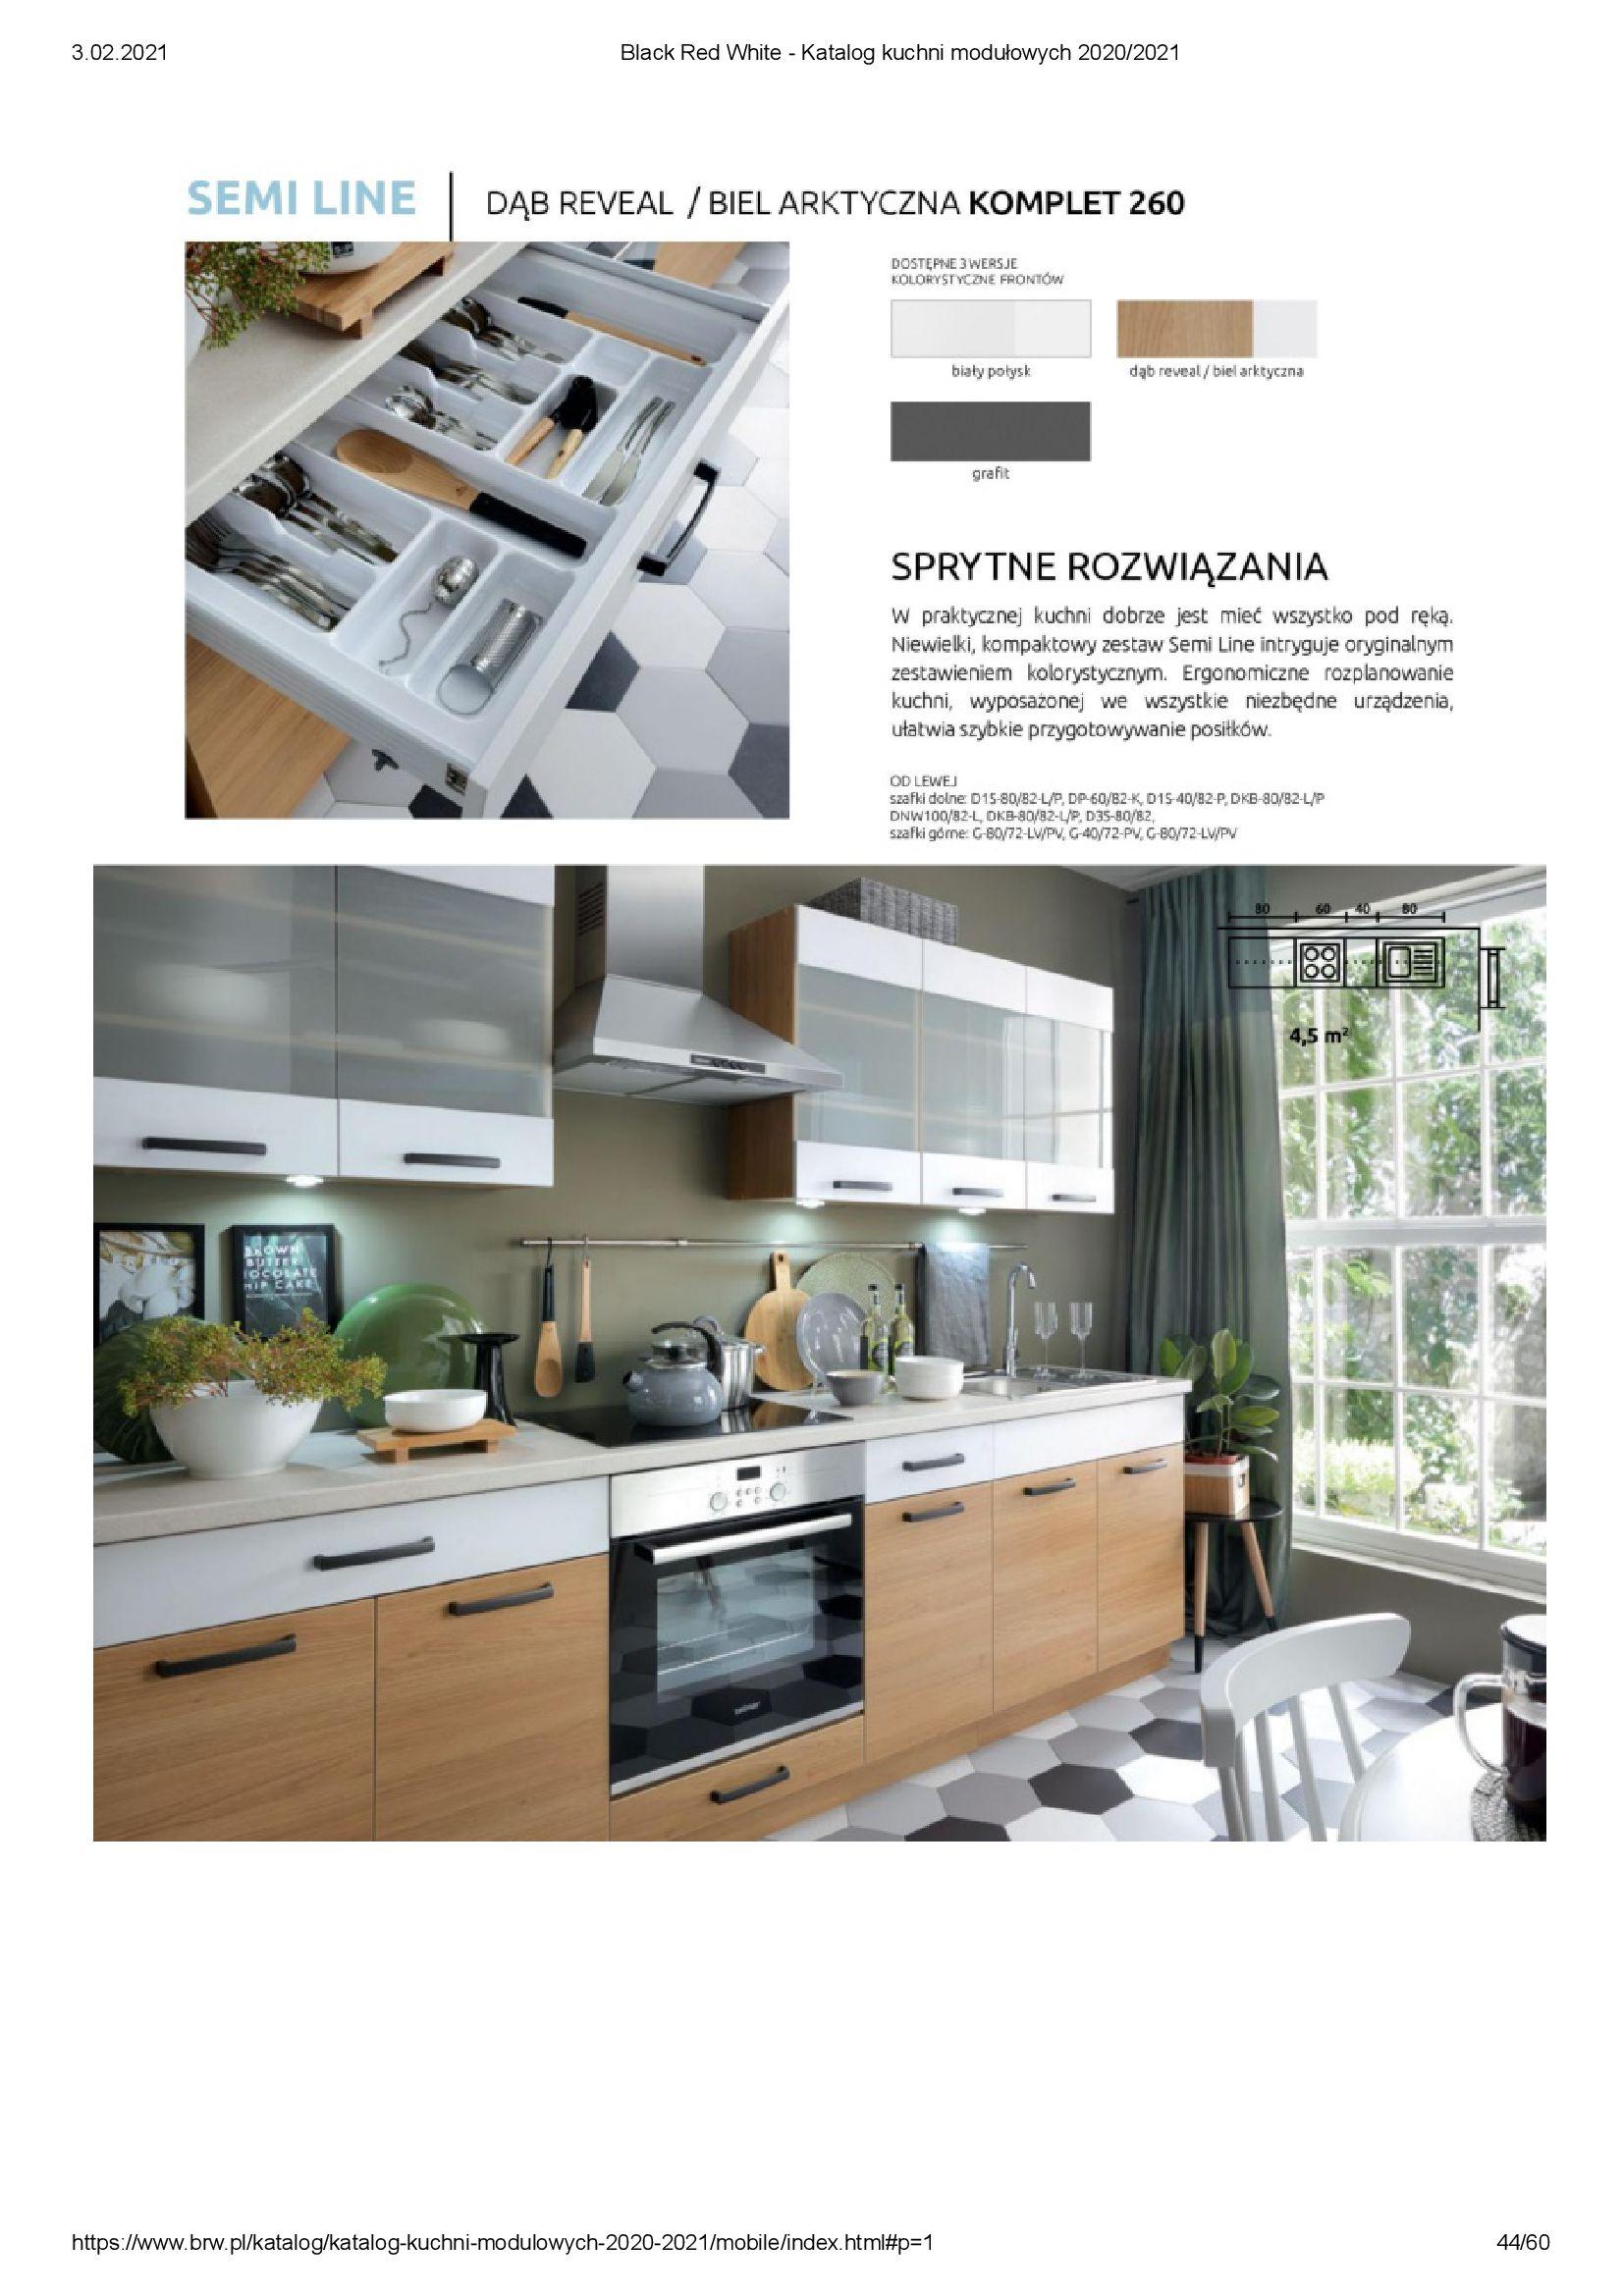 Gazetka Black Red White: Katalog - Kuchnie modułowe 2020/2021 2021-01-01 page-44